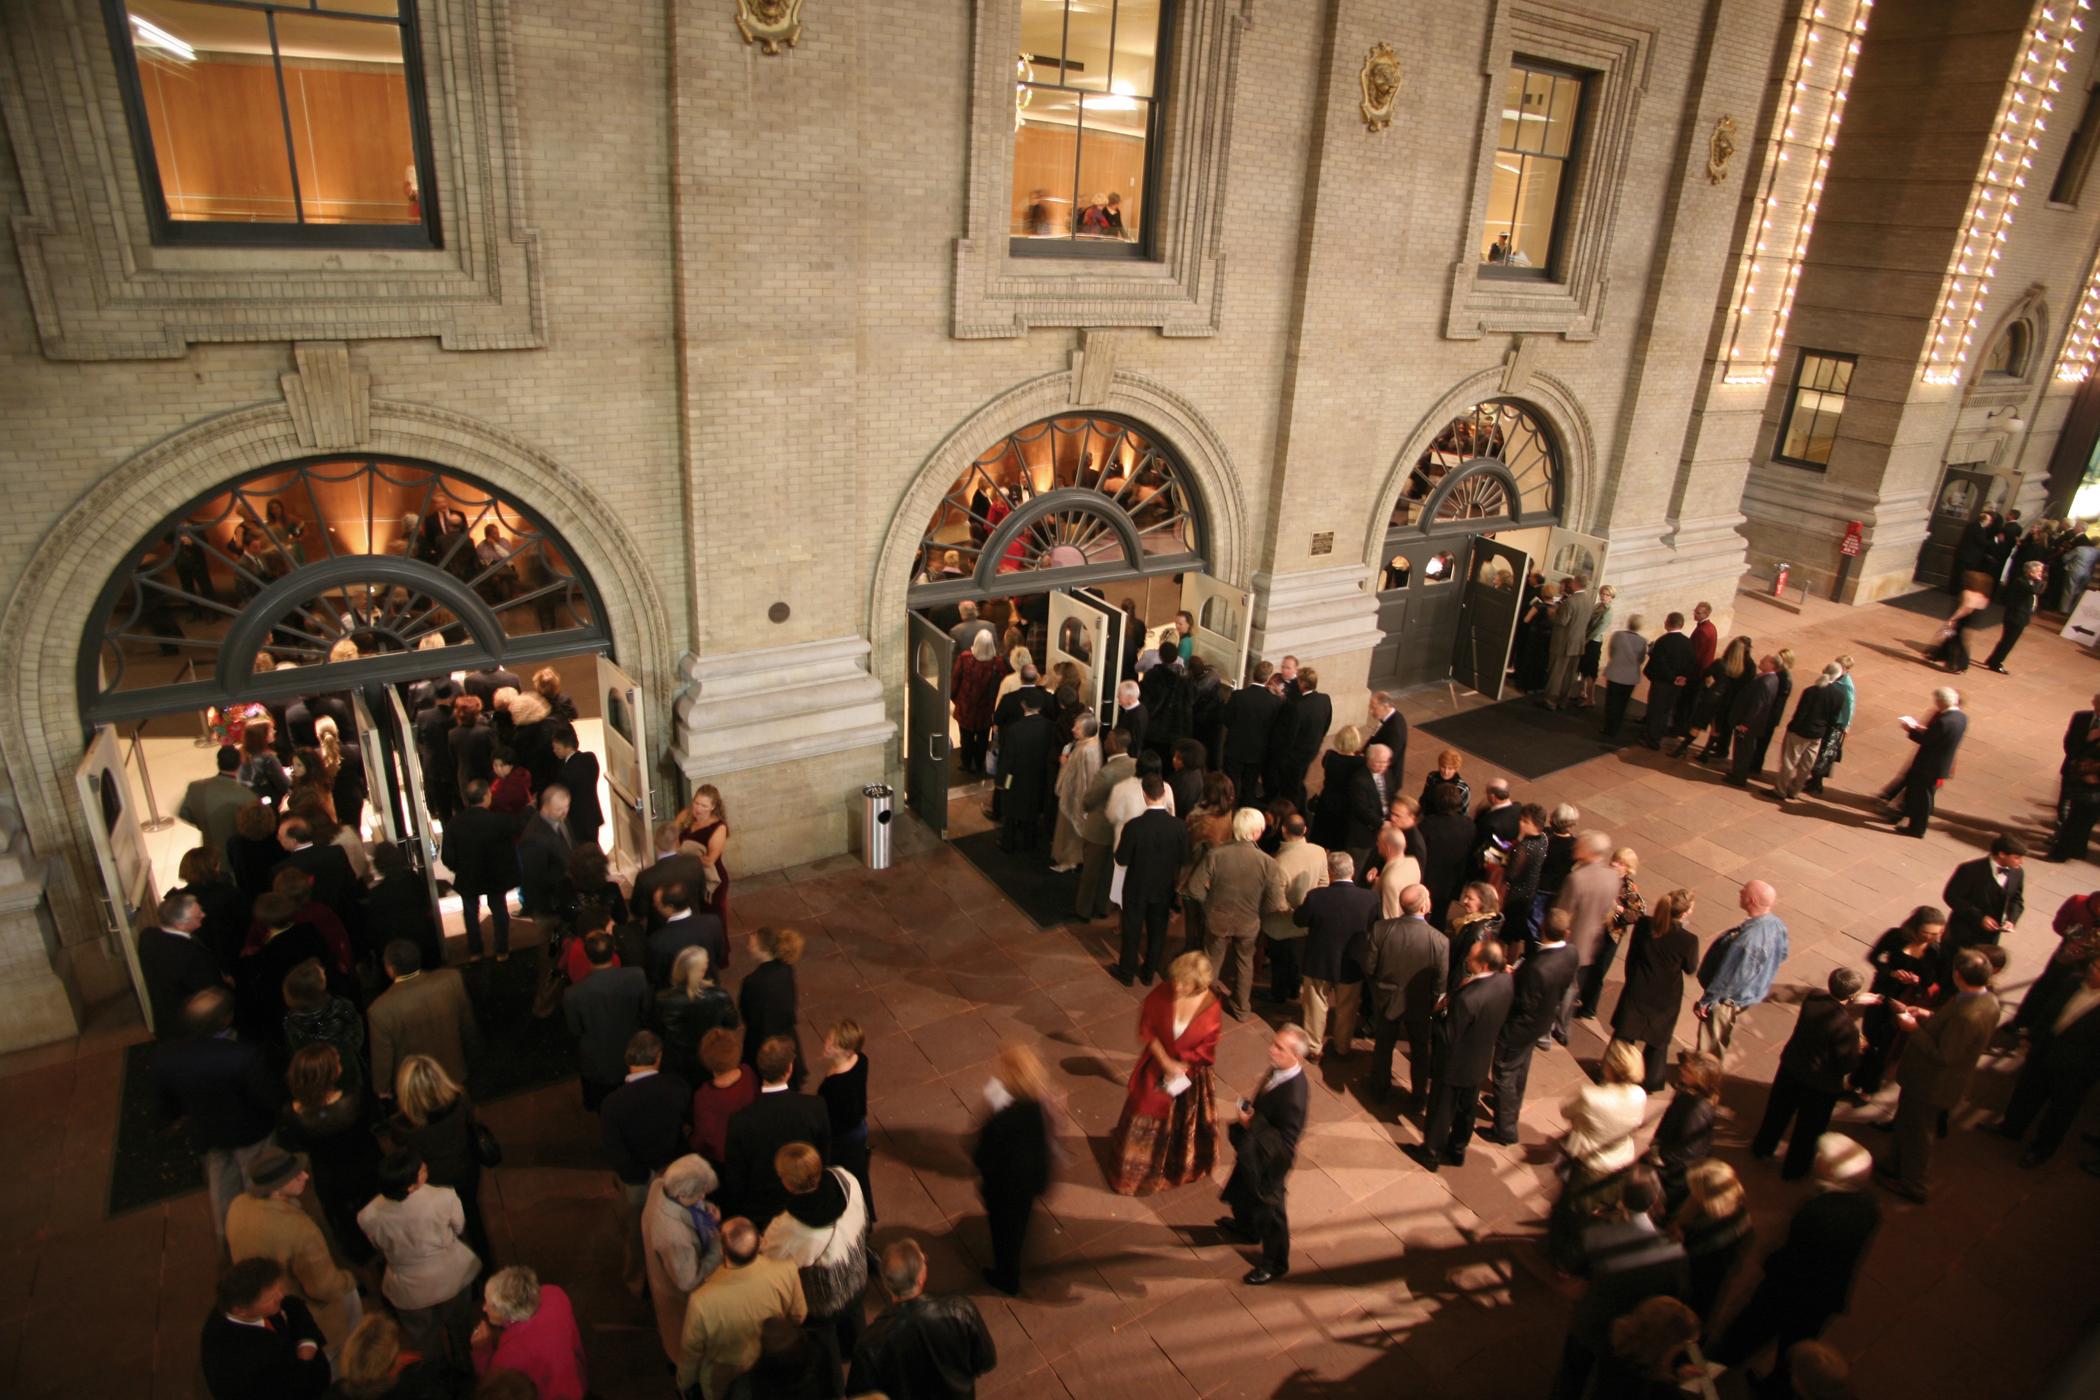 Ellie Caulkins Opera House